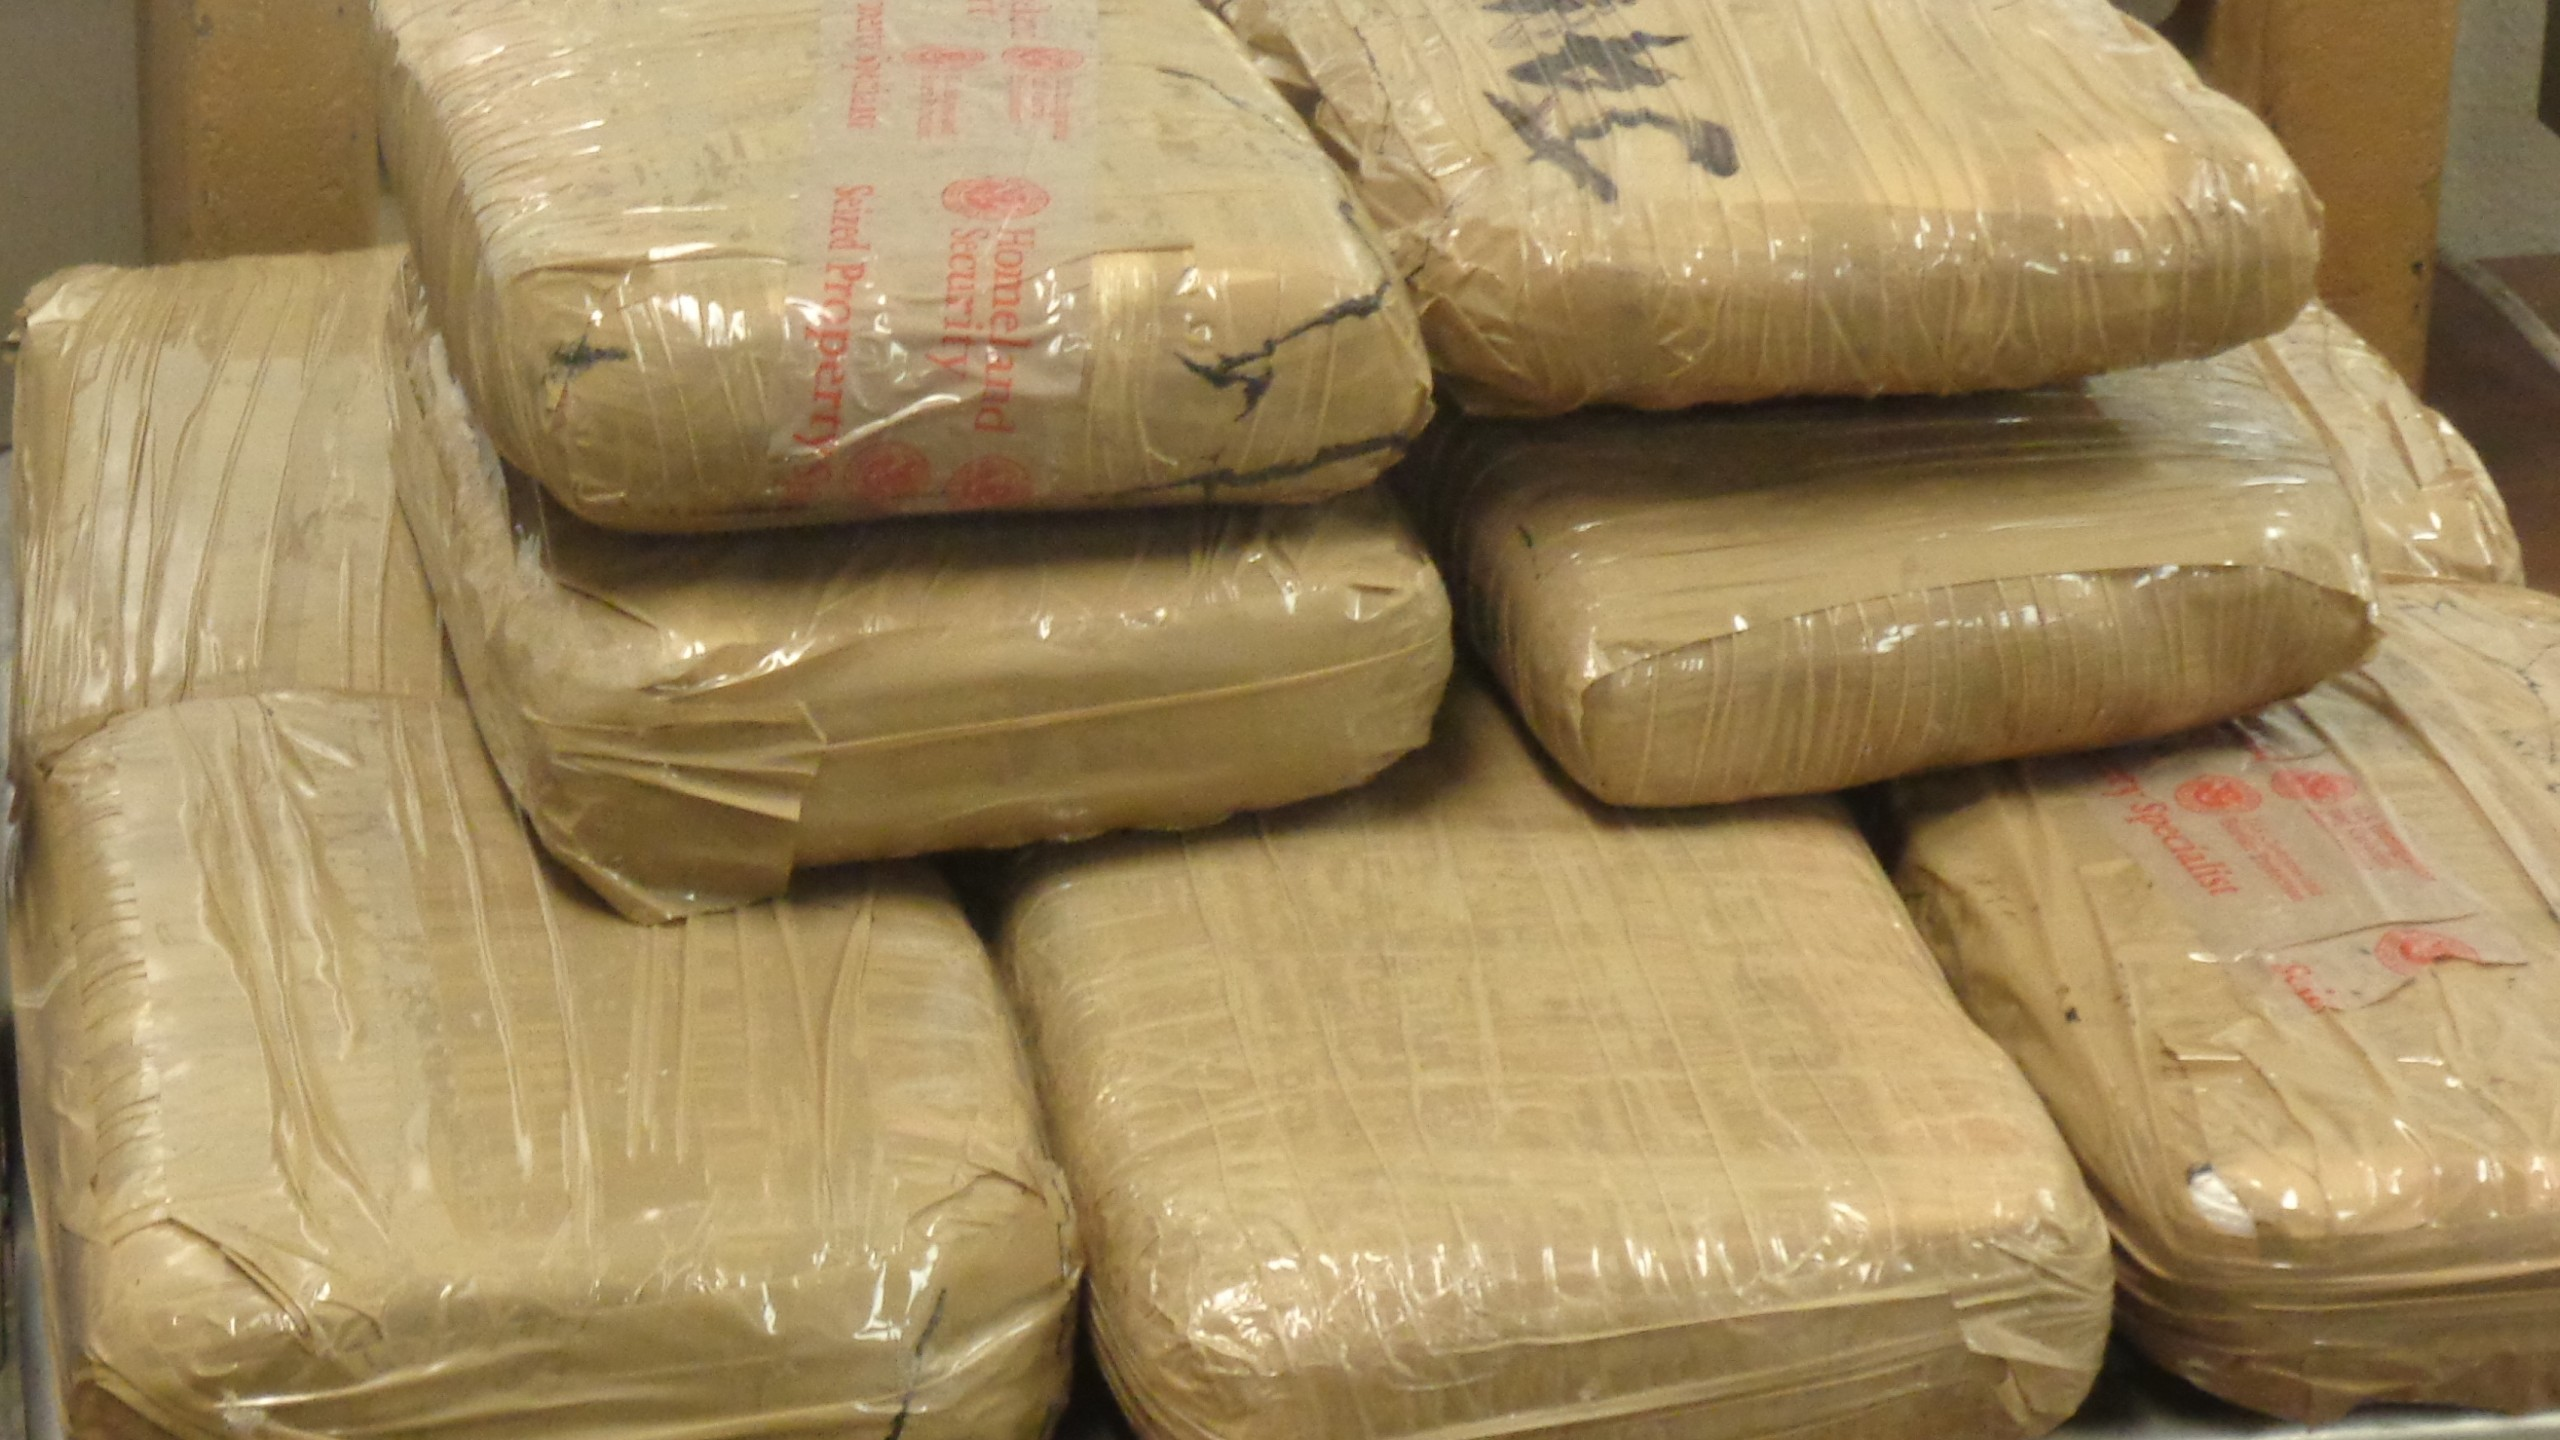 07052018 Cocaine Seizure, Courtesy CBP Hidalgo_1530908550417.jpg.jpg